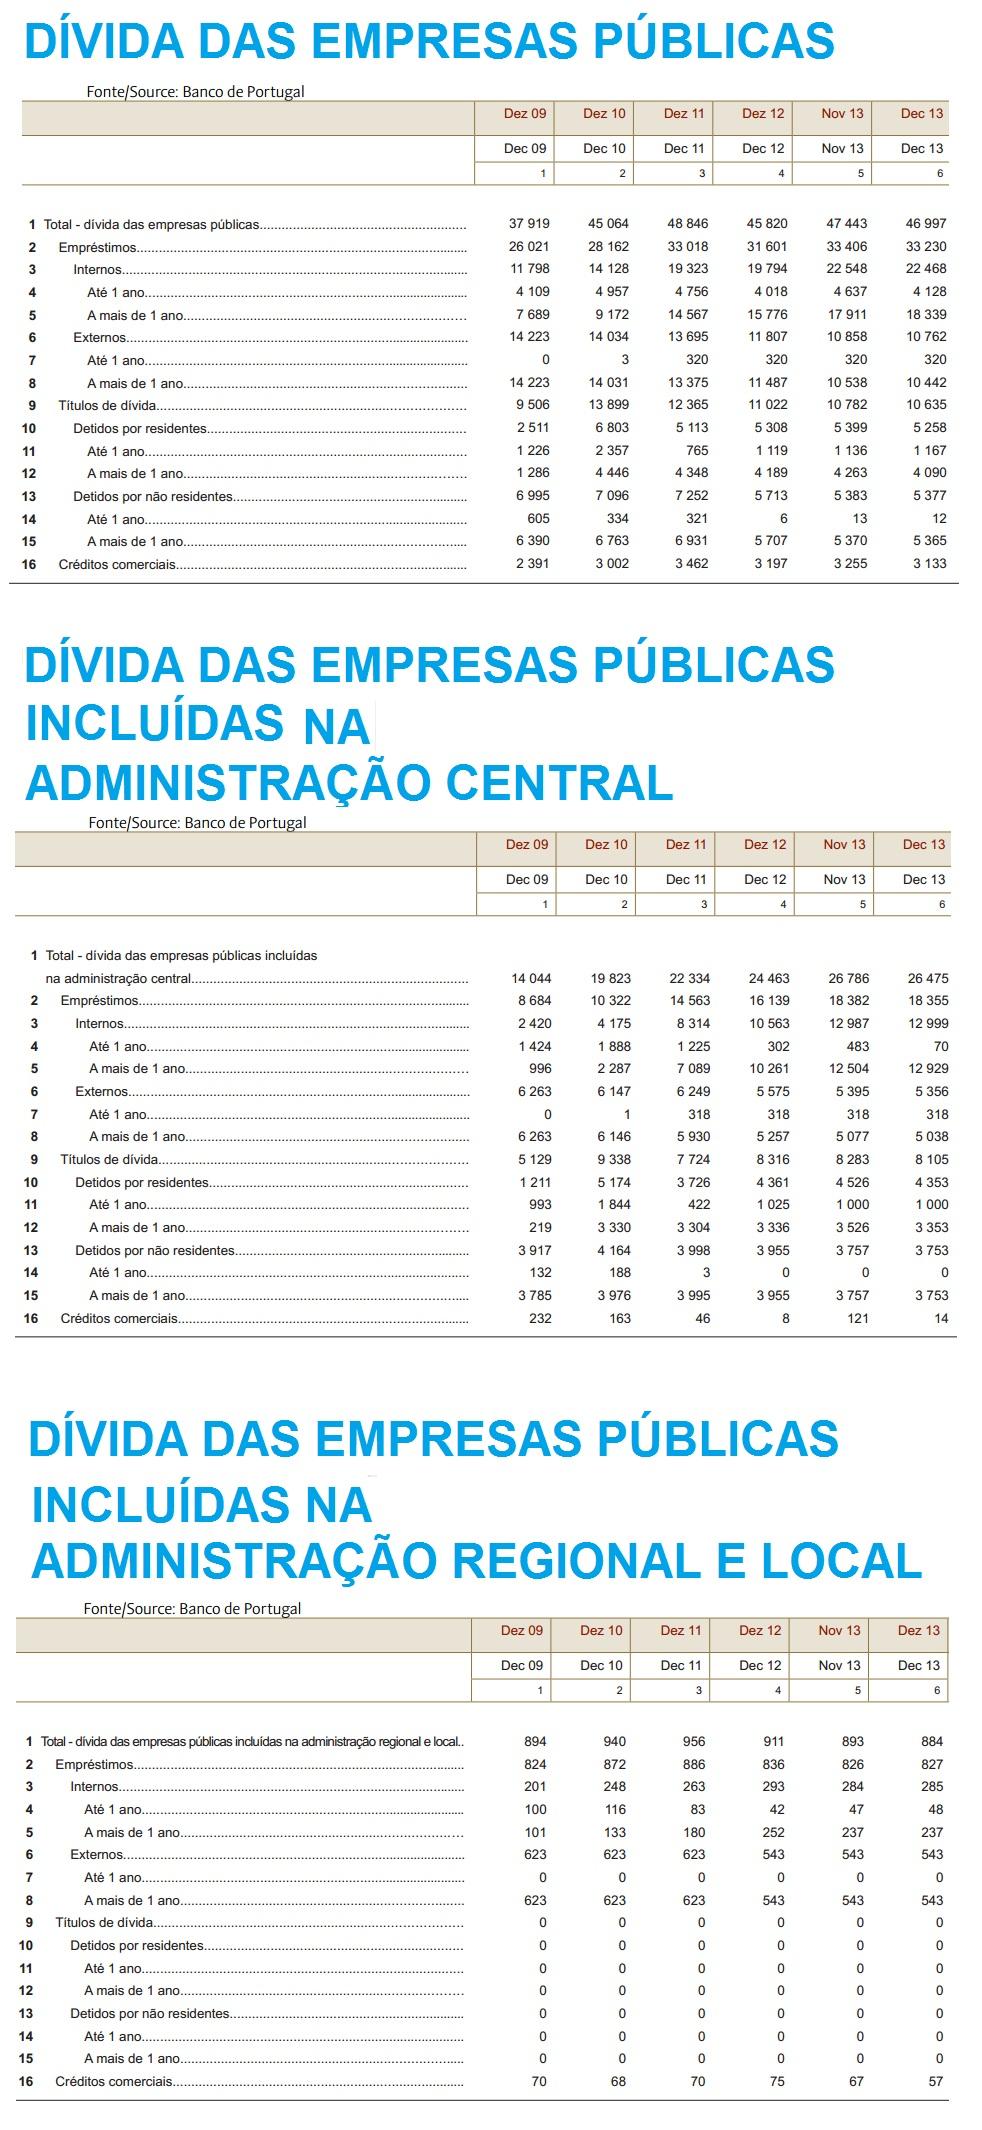 Dívida Pública por setor INCLUIDA NA ADMIN PÚBLICA em Portugal Dez de 2013_ Totais_1